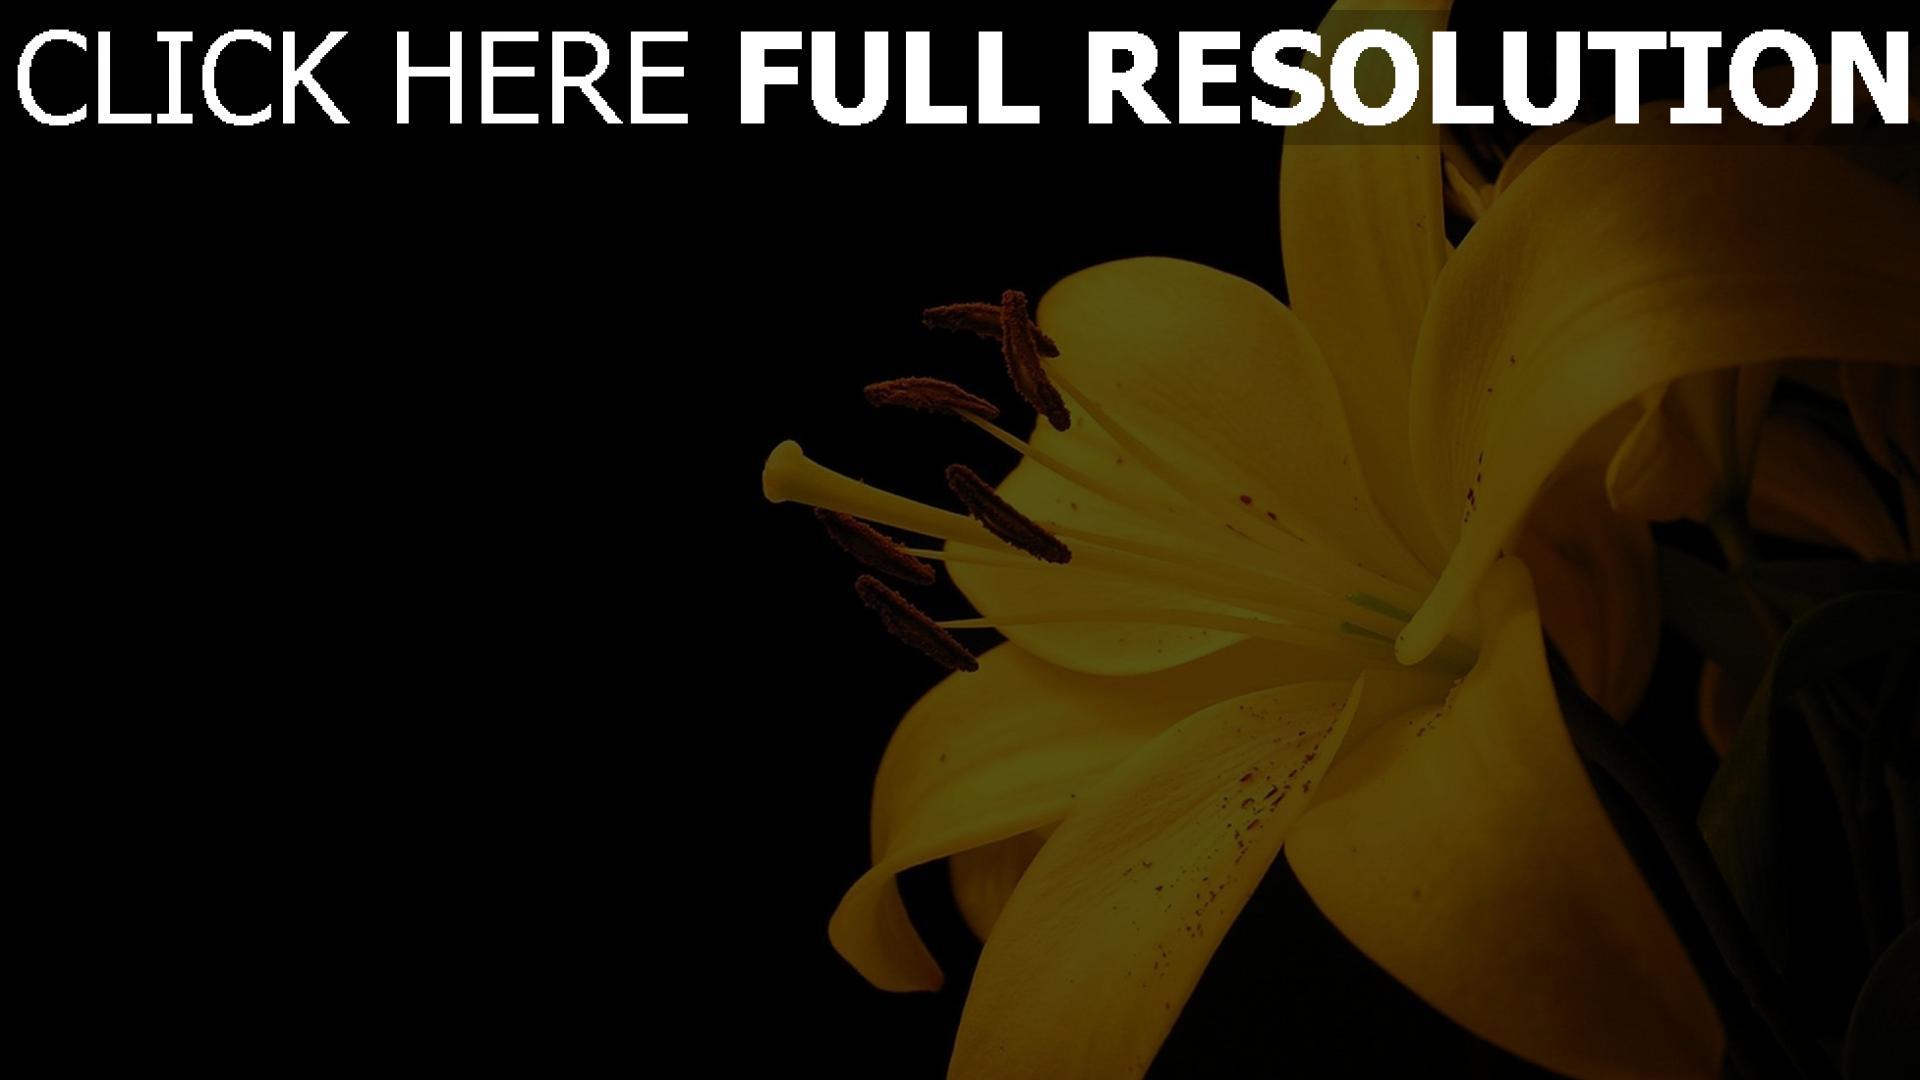 Herunterladen 1920x1080 Full Hd Hintergrundbilder Lilie Gelb Blumenbl 228 Tter Dunkel Hintergrund 1080p